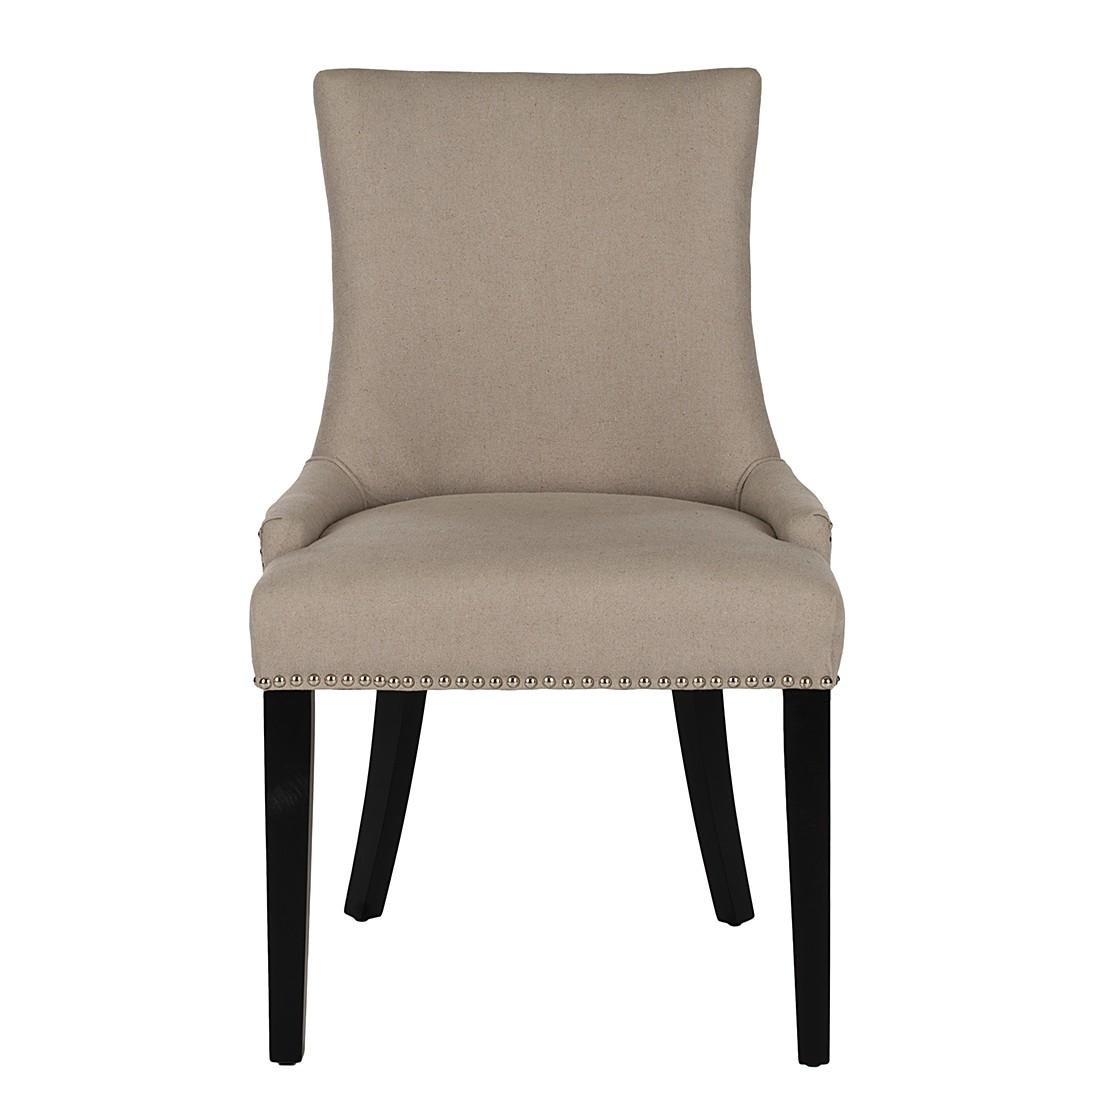 Safavieh chaise amelia lot de 2 prix et offres safavieh for Chaise capitonnee